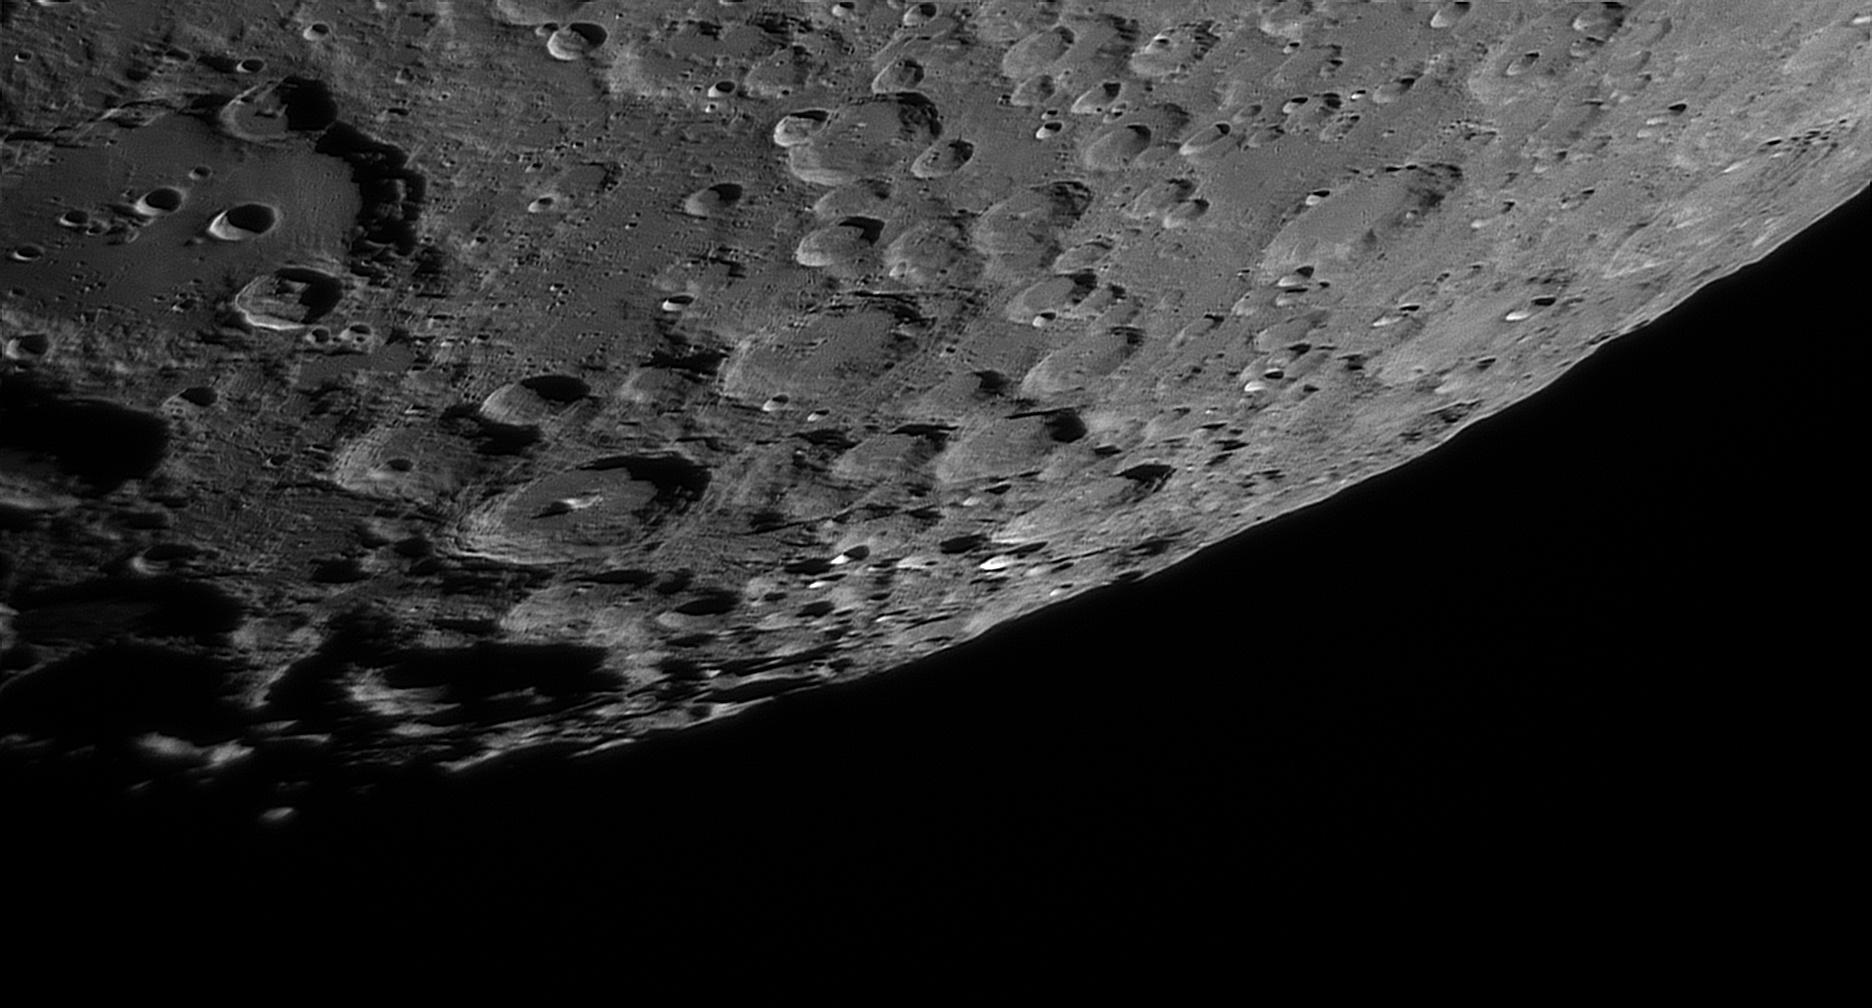 Sud Lunaire et Cratère Clavius